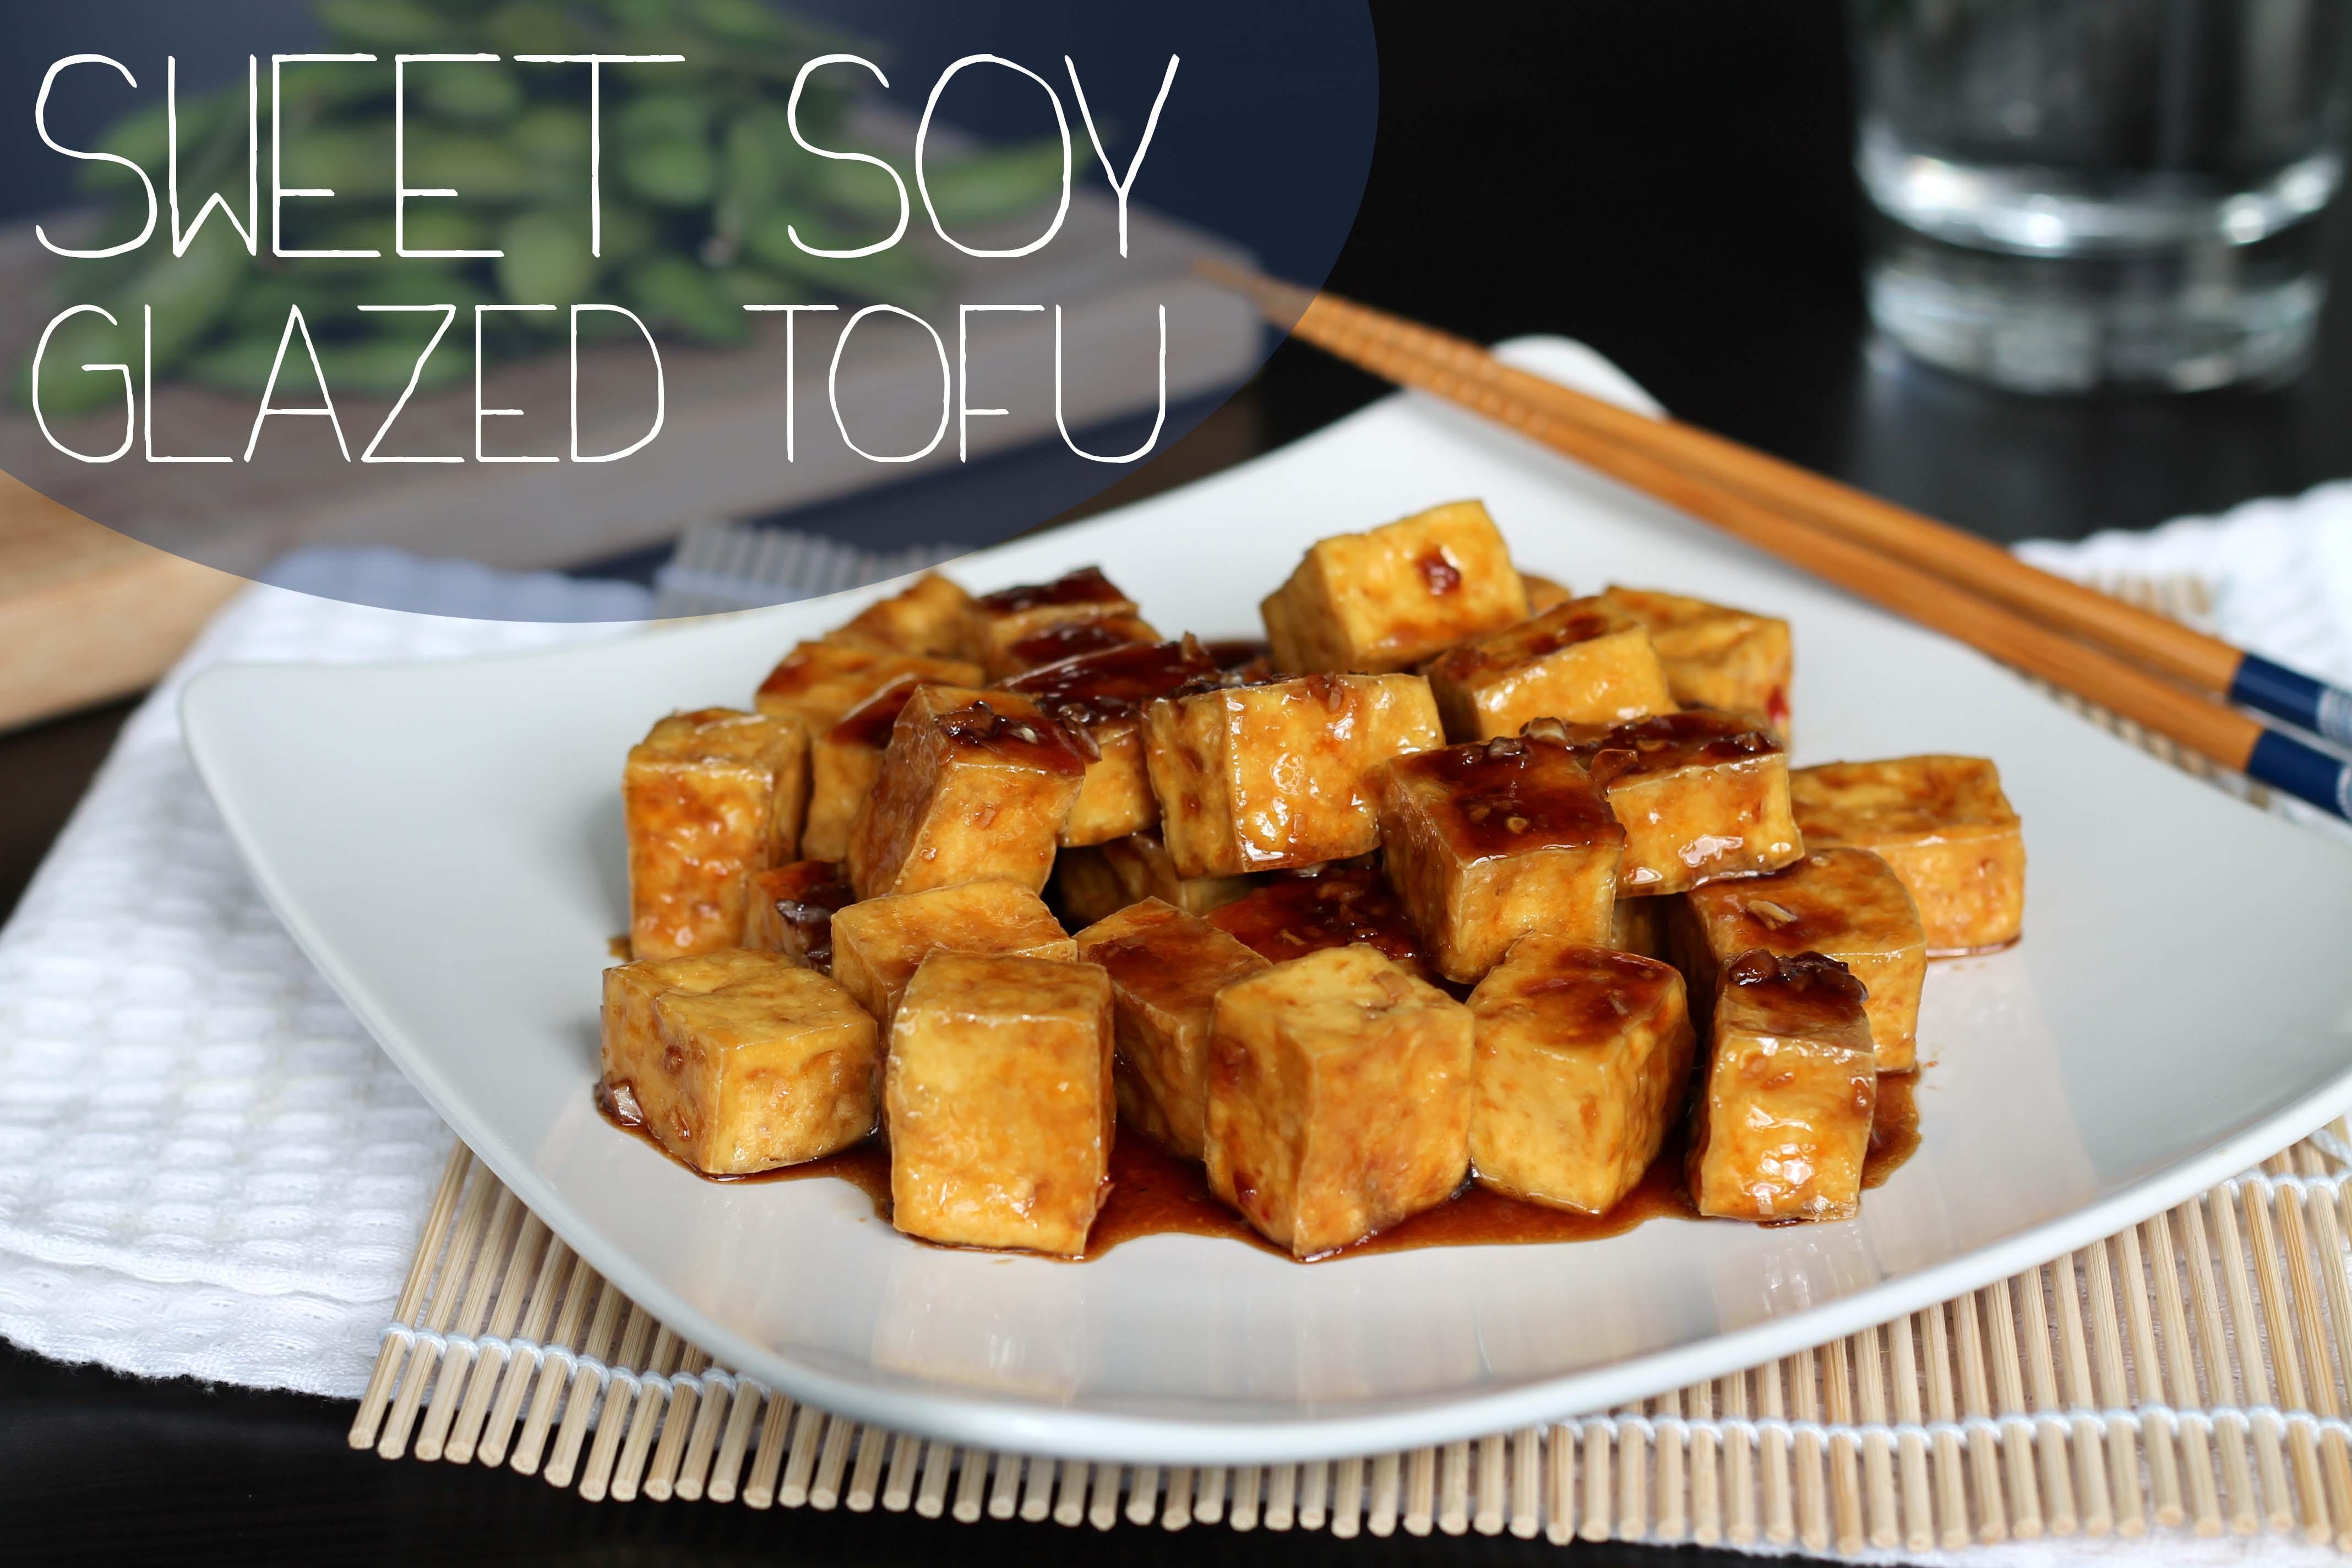 Sweet Soy Glazed Tofu